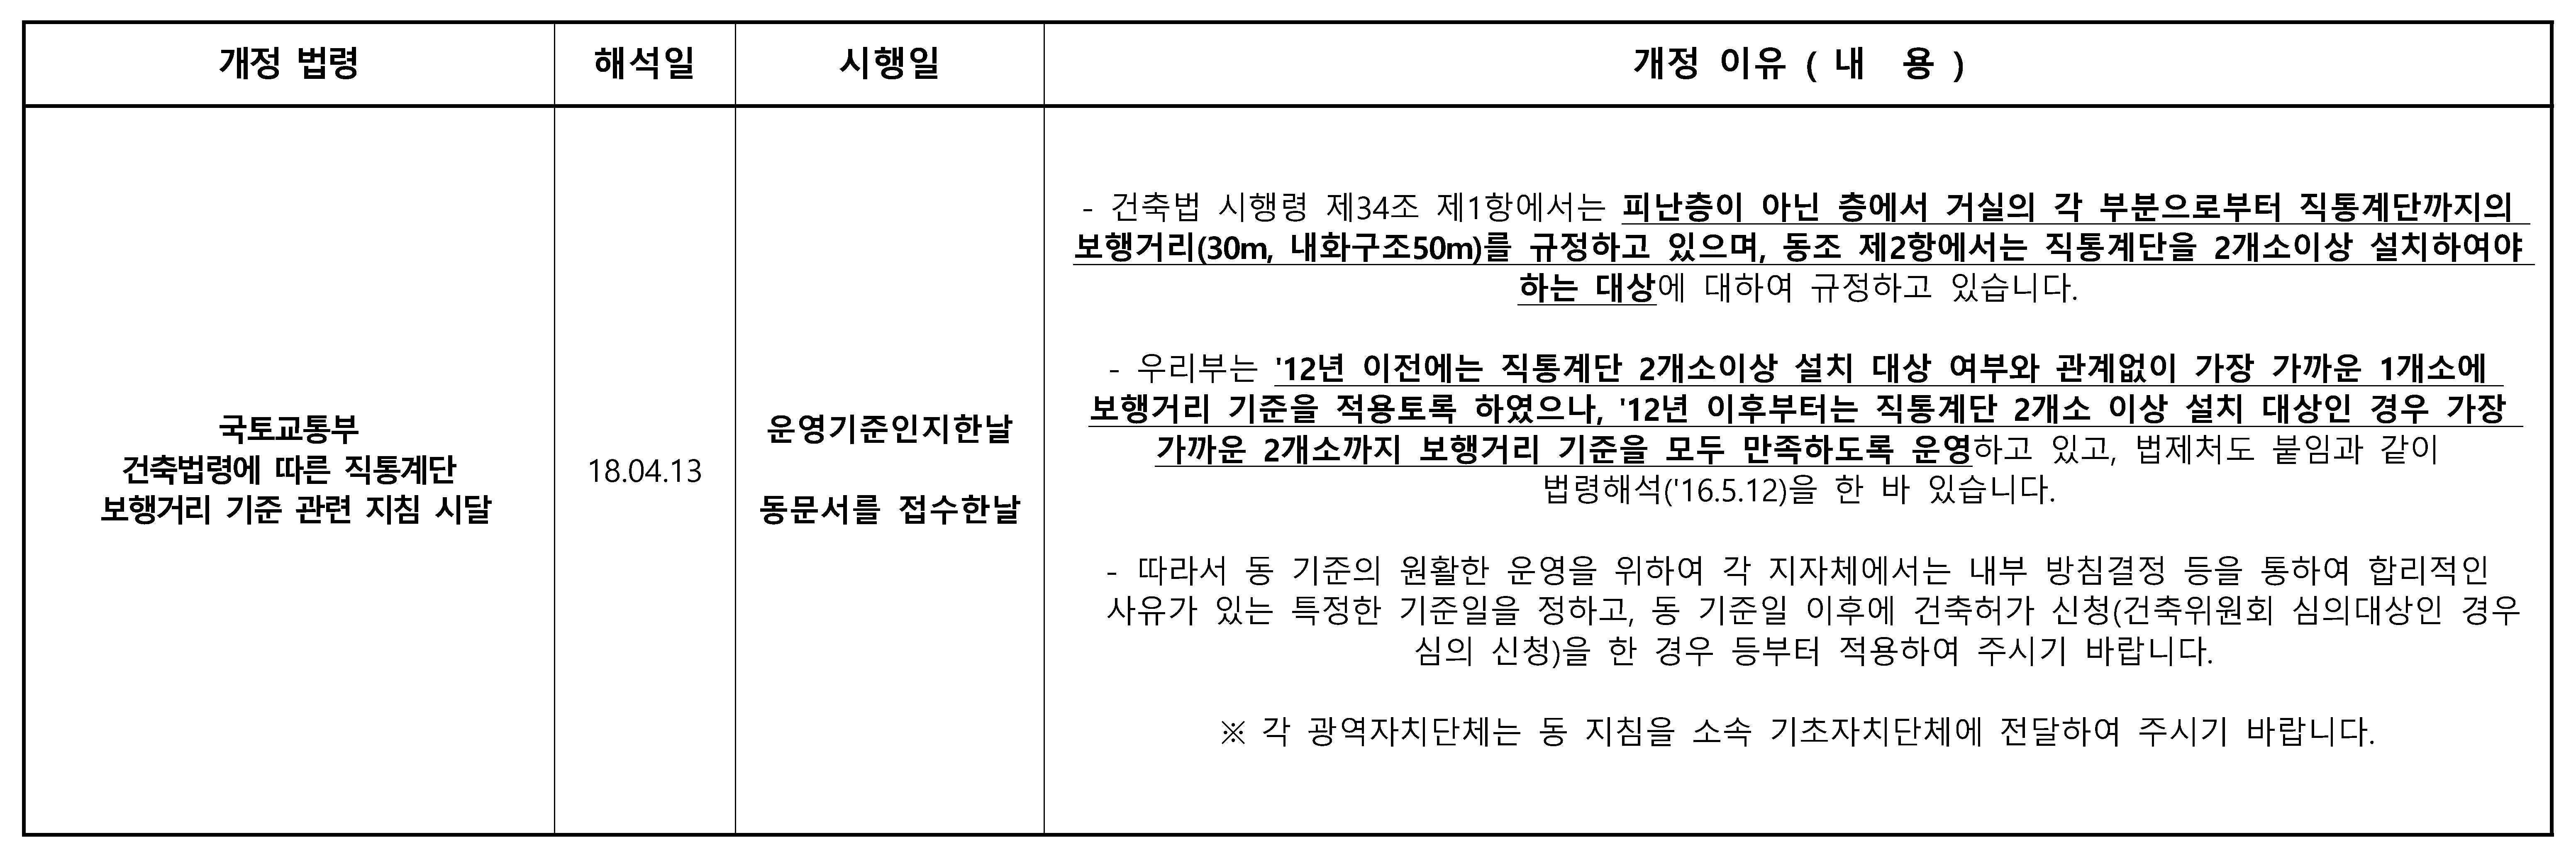 [법령]국토교통부 건축법령에 따른 직통계단 보행거리 기준 관련 지침 시달